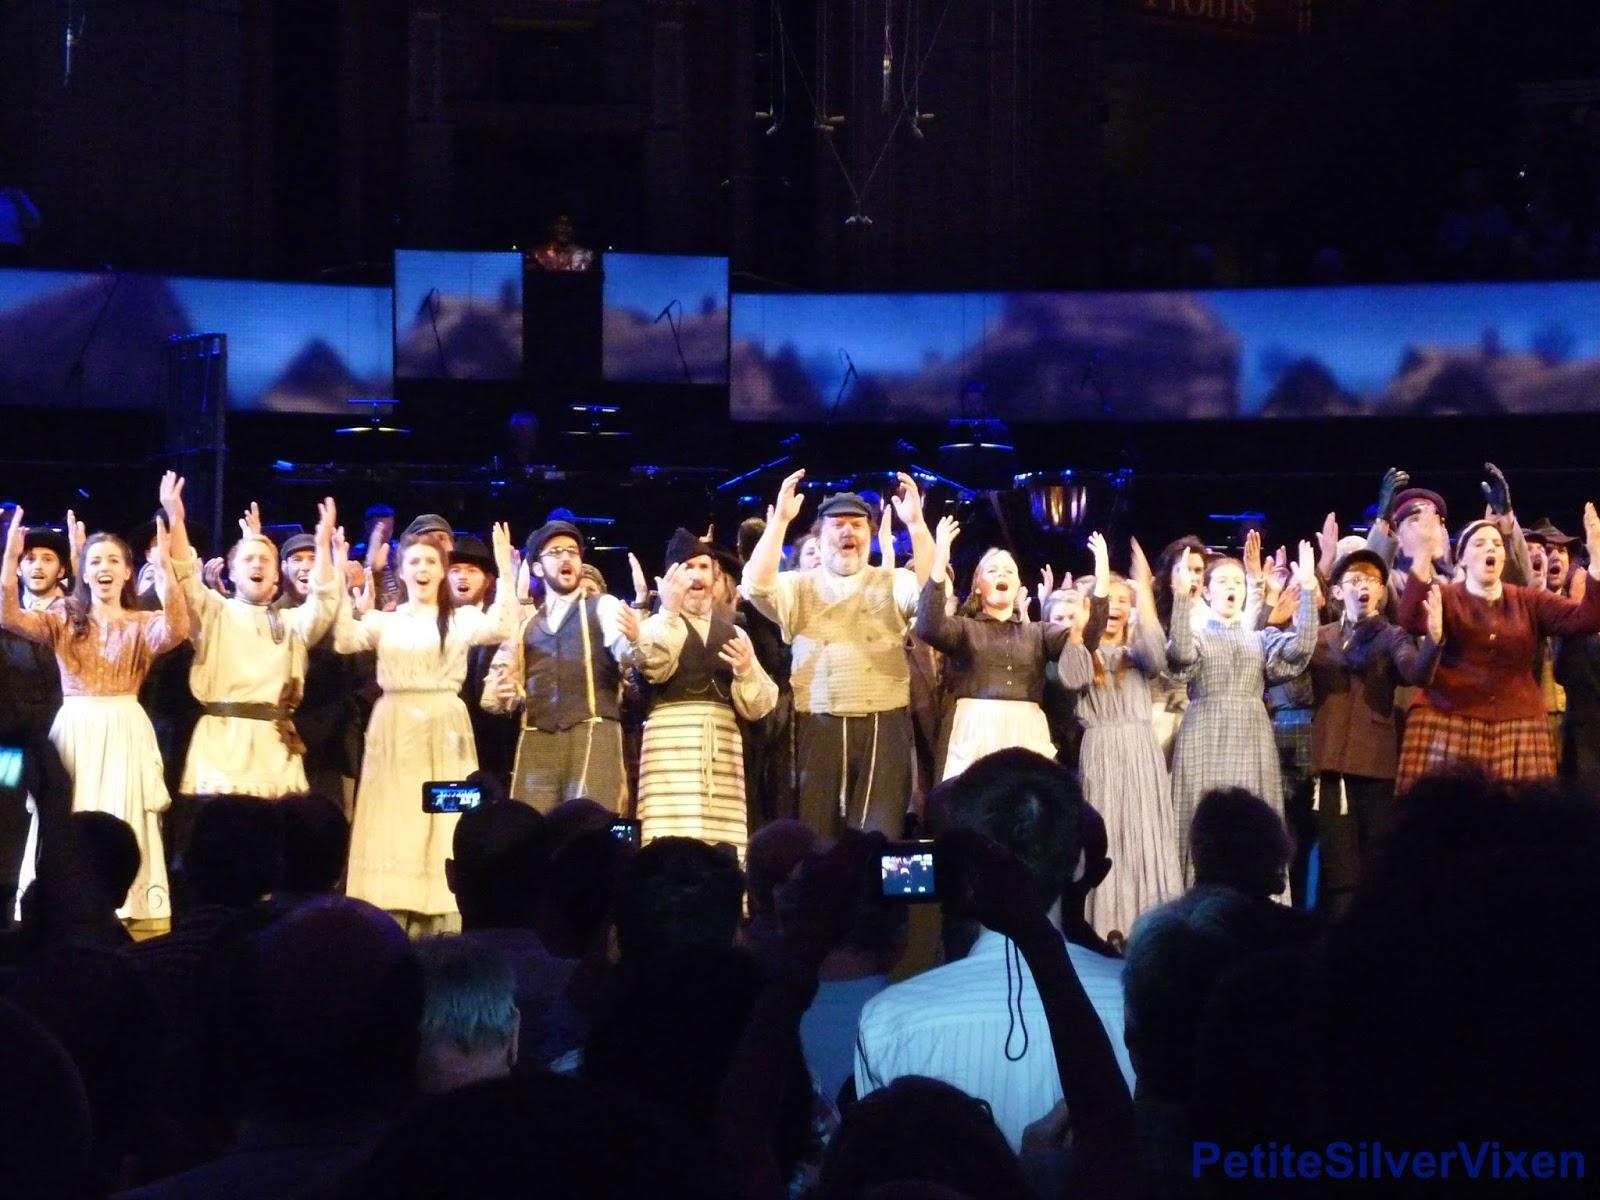 Bryn Terfel & Cast sing Tradition | PetiteSilverVixen